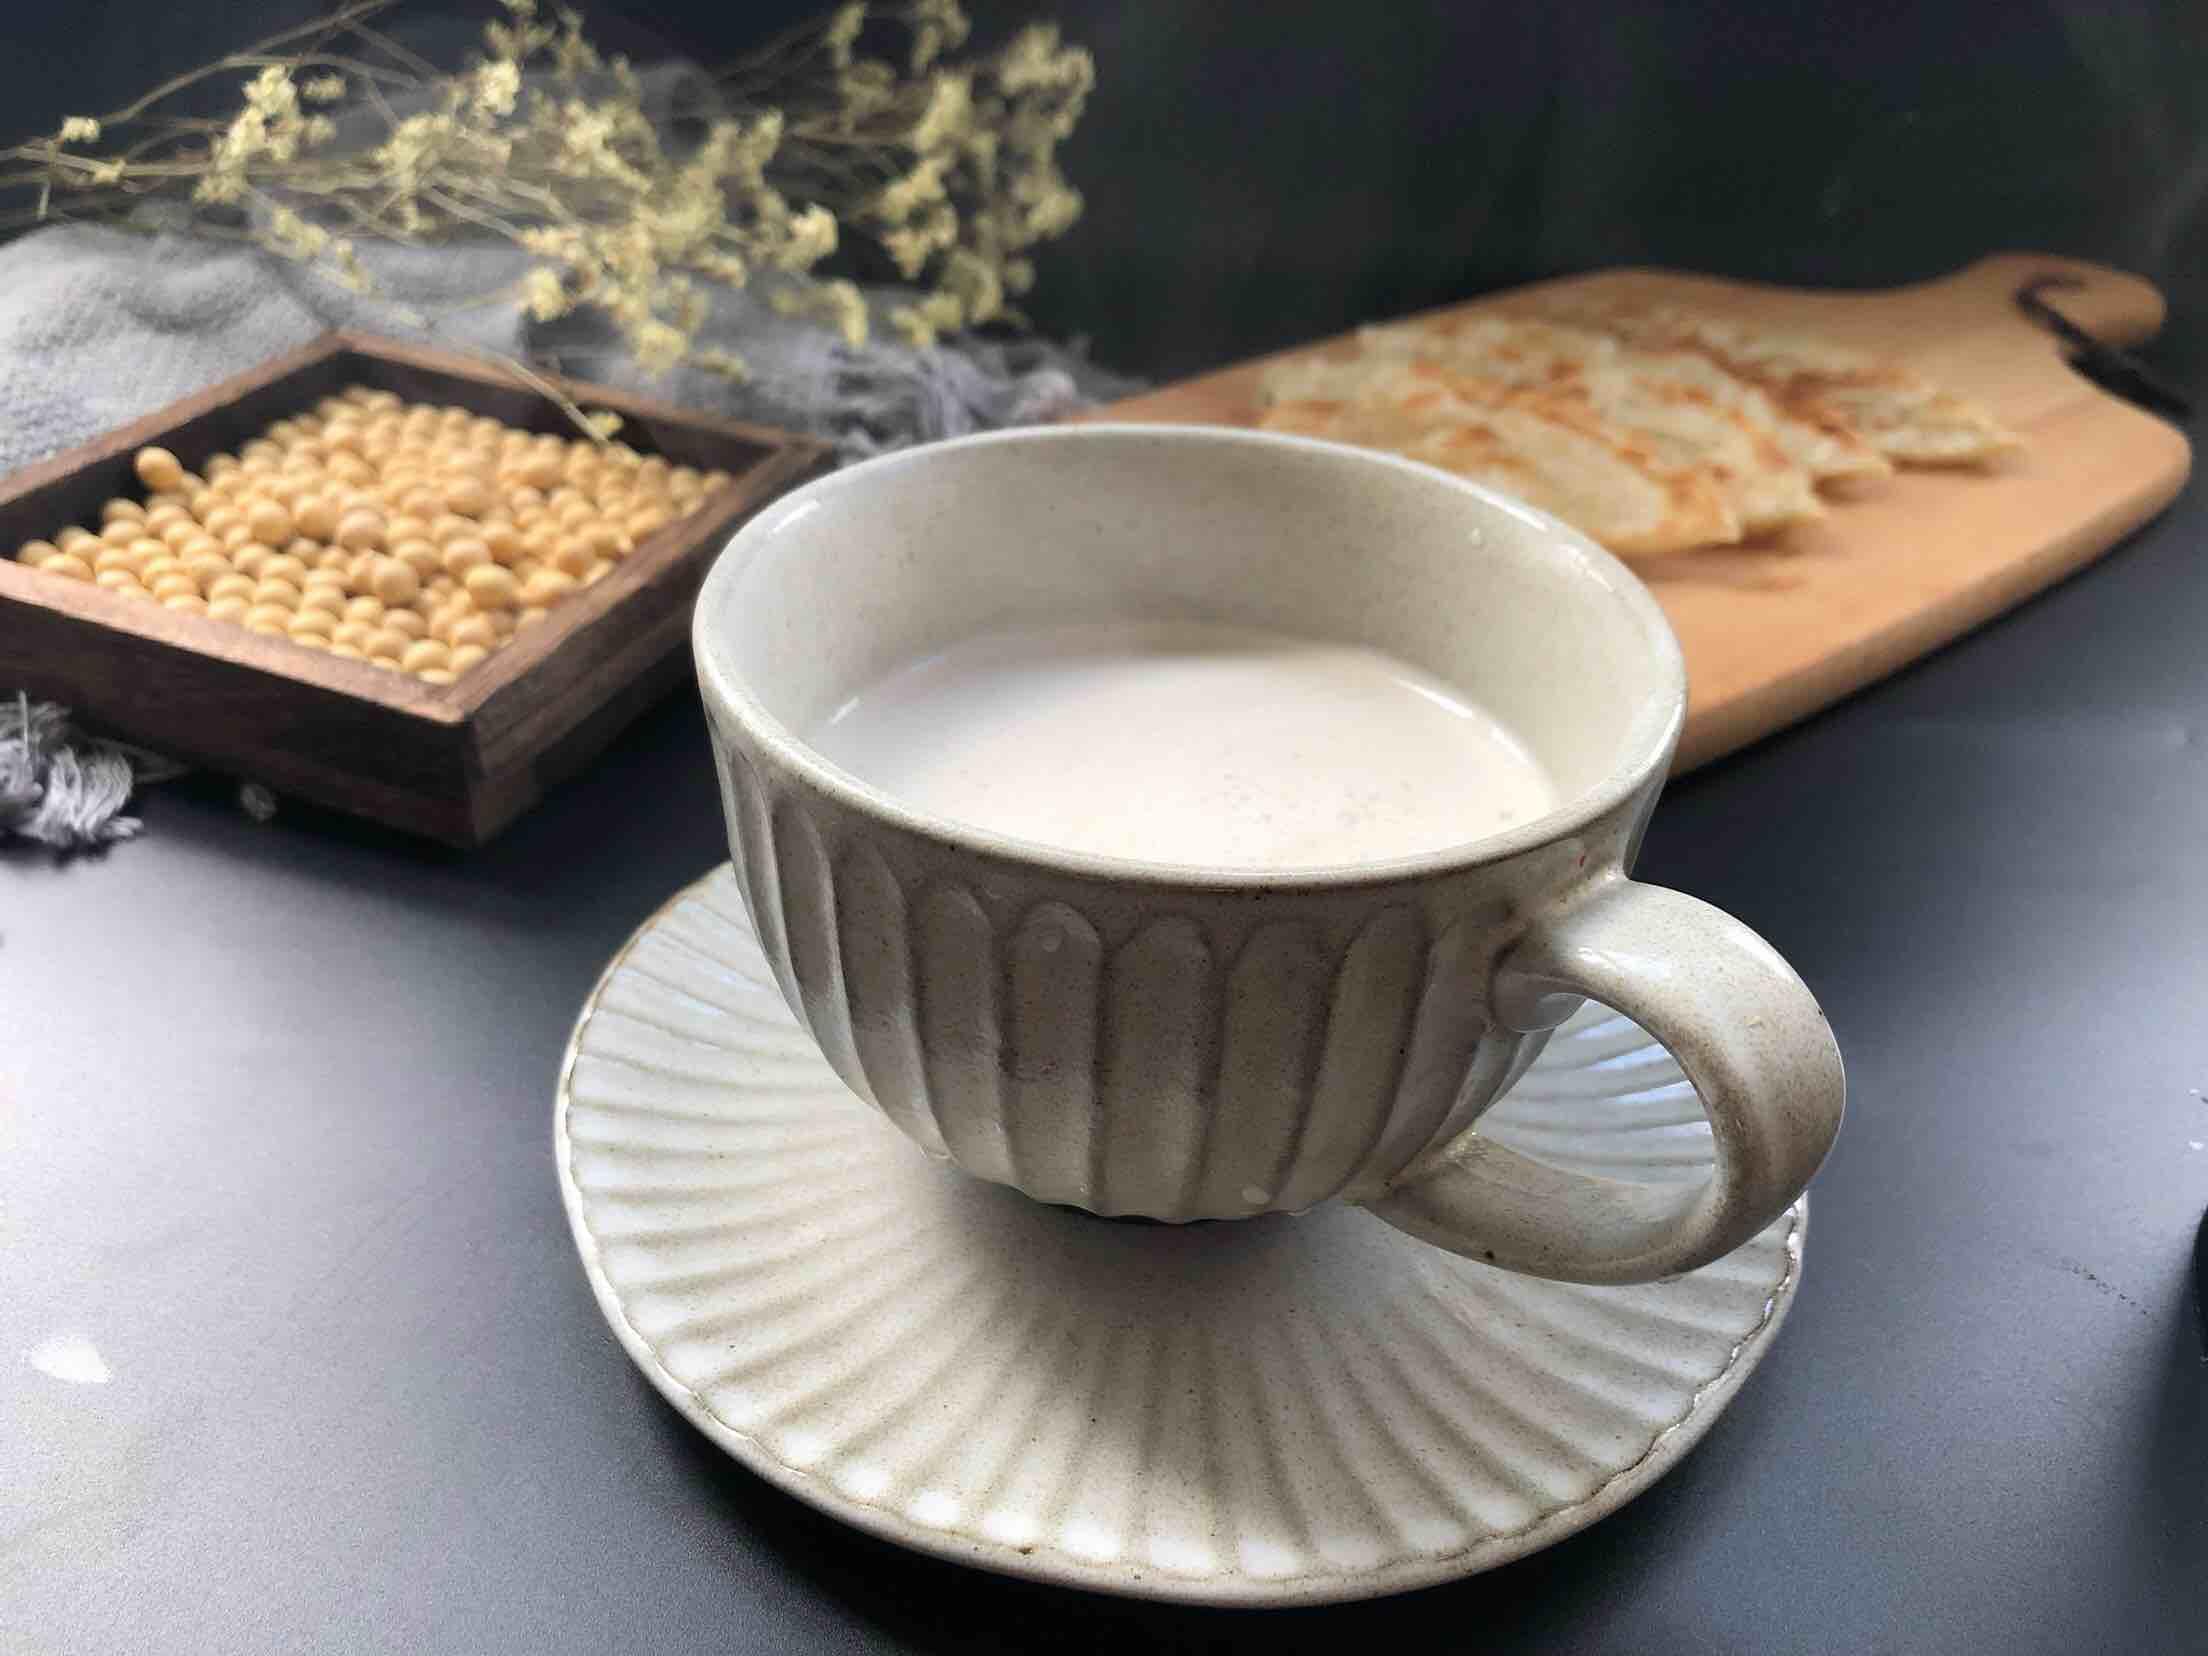 核桃燕麦豆浆怎么做